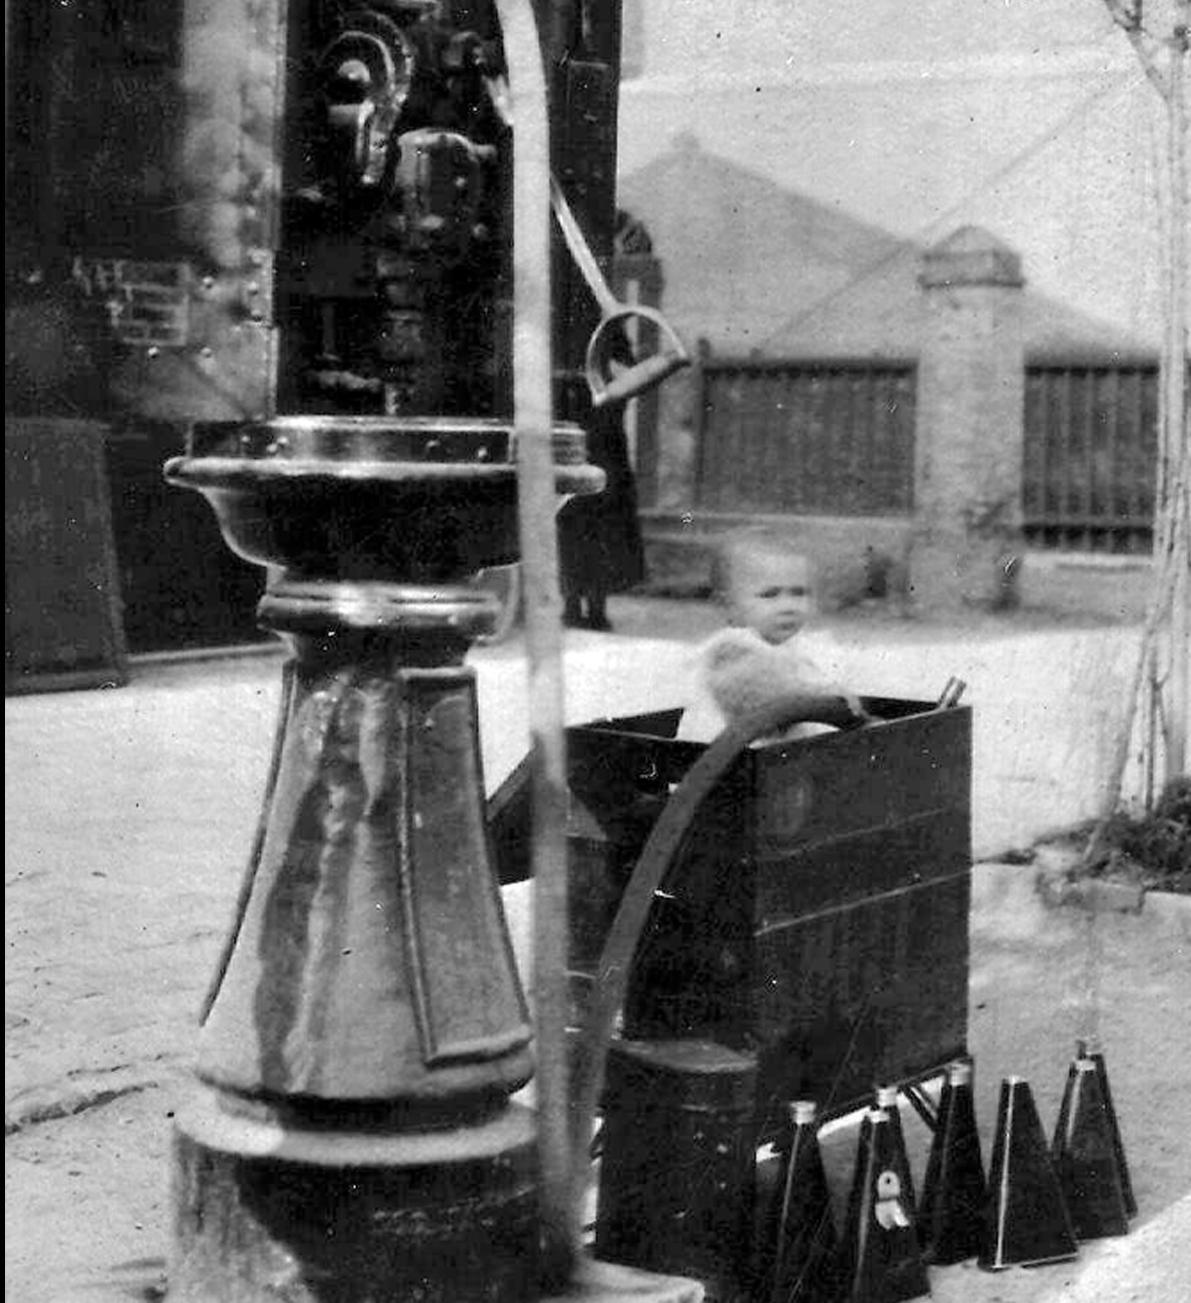 Distributore di carburante a Mirabello anni '30